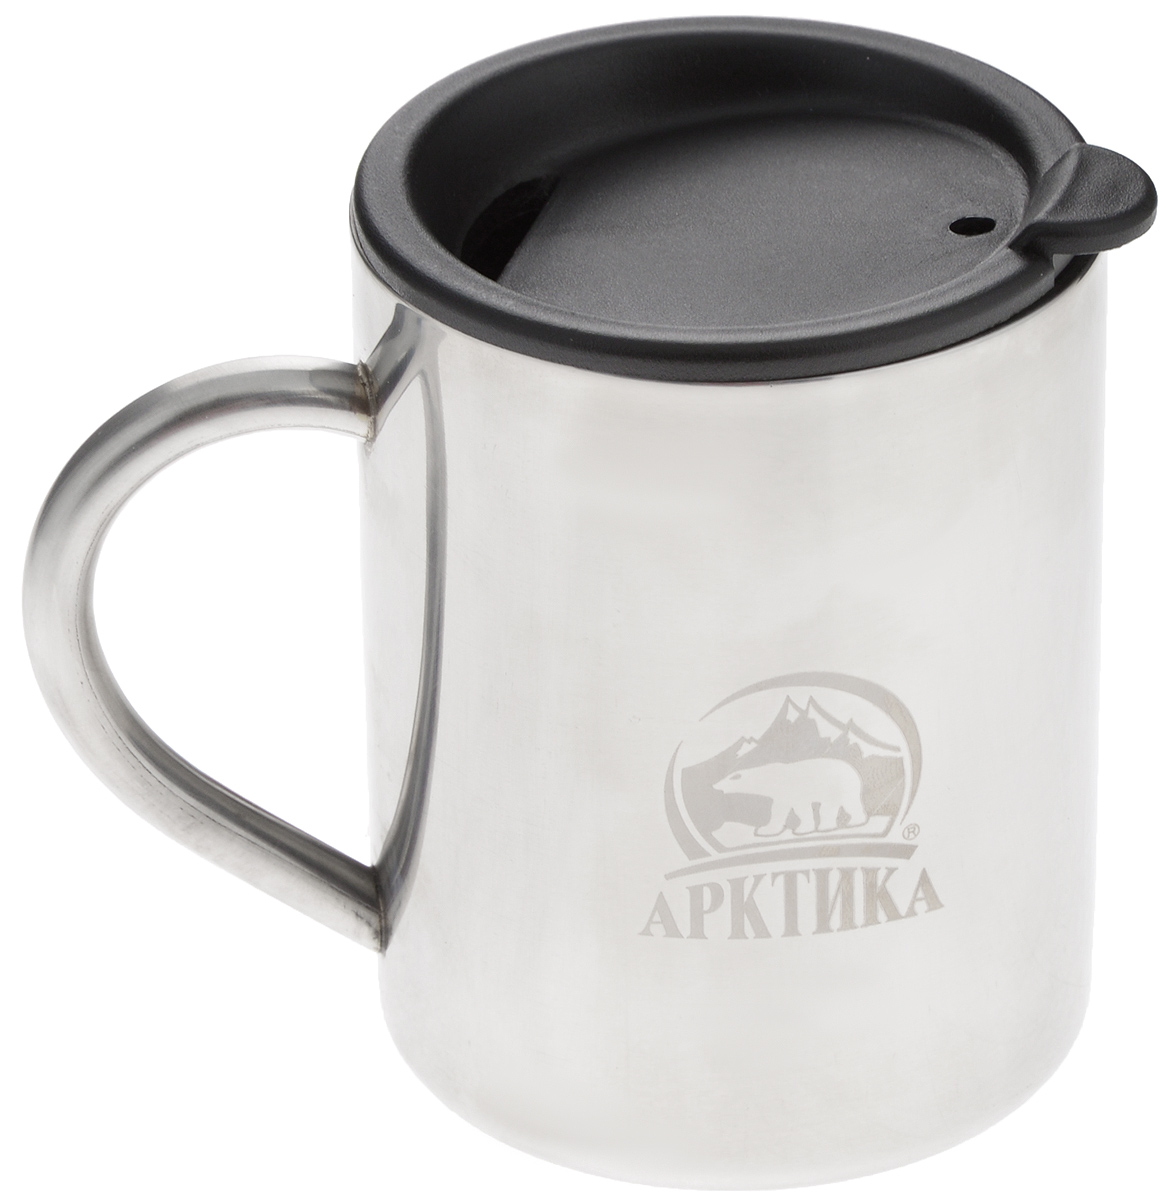 Термокружка Арктика, цвет: металлик, черный, 0,4 л67742Термокружка Арктика одинаково хороша и при использовании дома, если вы любите растягивать удовольствие от напитка и вам не нравится, что он так быстро остывает, и на даче, где такая посуда особенно впору в силу своей прочности, долговечности и практичности. Изделием приятно пользоваться, ведь оно не обжигает руки, его легко мыть. Термокружка выполнена из прочной нержавеющей стали, благодаря чему ее можно не бояться уронить. Имеется пластиковая крышка с силиконовой вставкой. В ней расположено отверстие, через которое можно пить.Диаметр кружки (по верхнему краю): 7,8 см.Высота кружки (без учета крышки): 10 см.